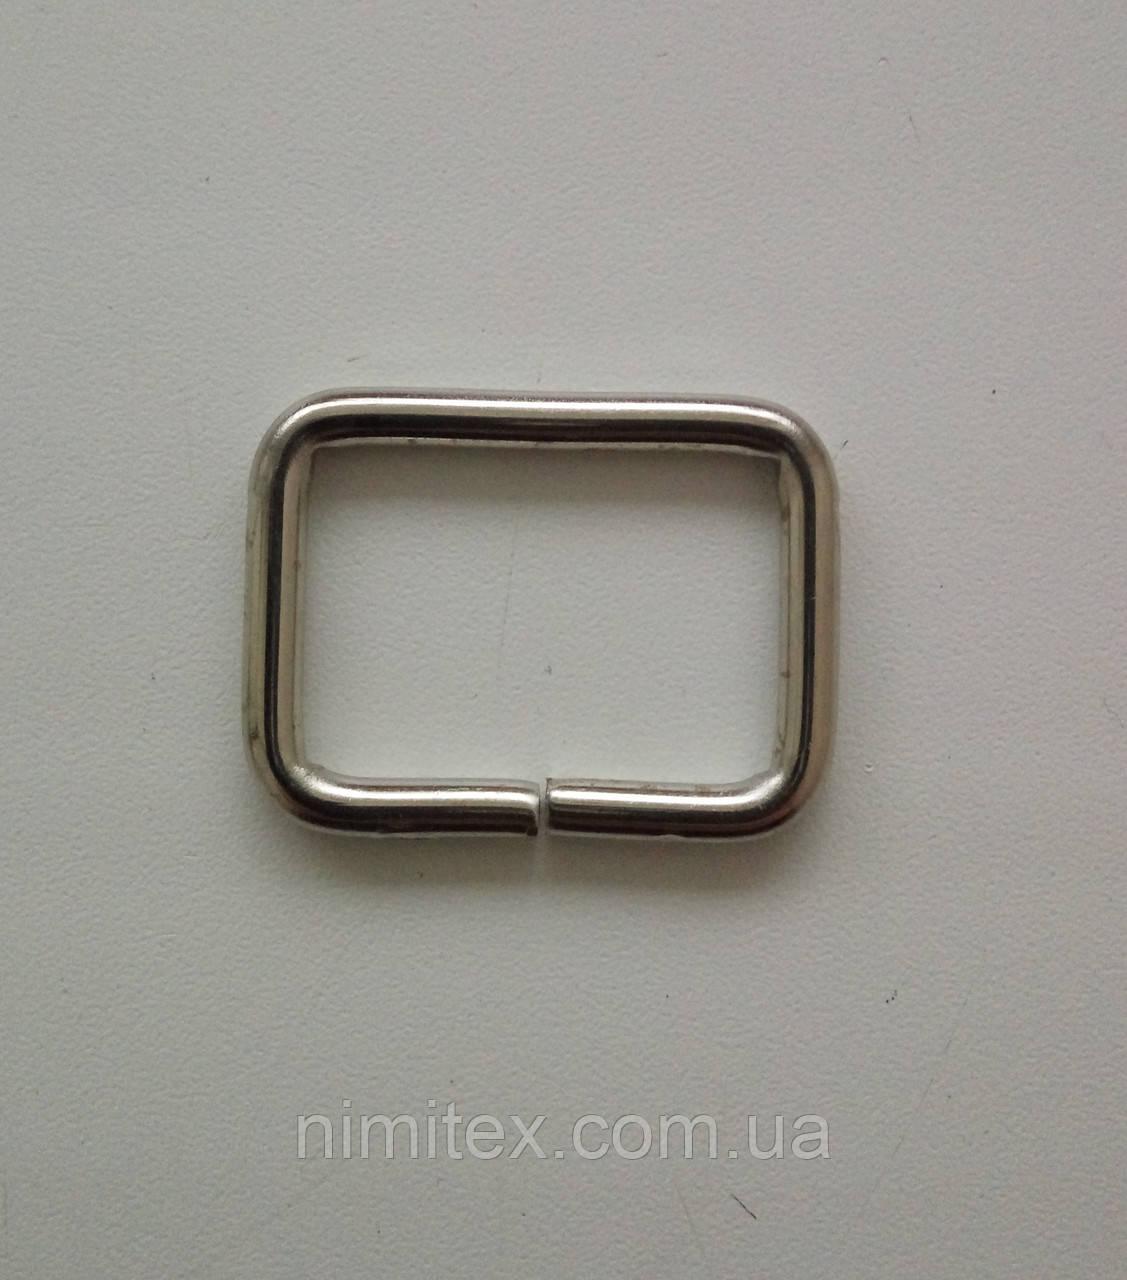 Рамка литая 30 мм, никель